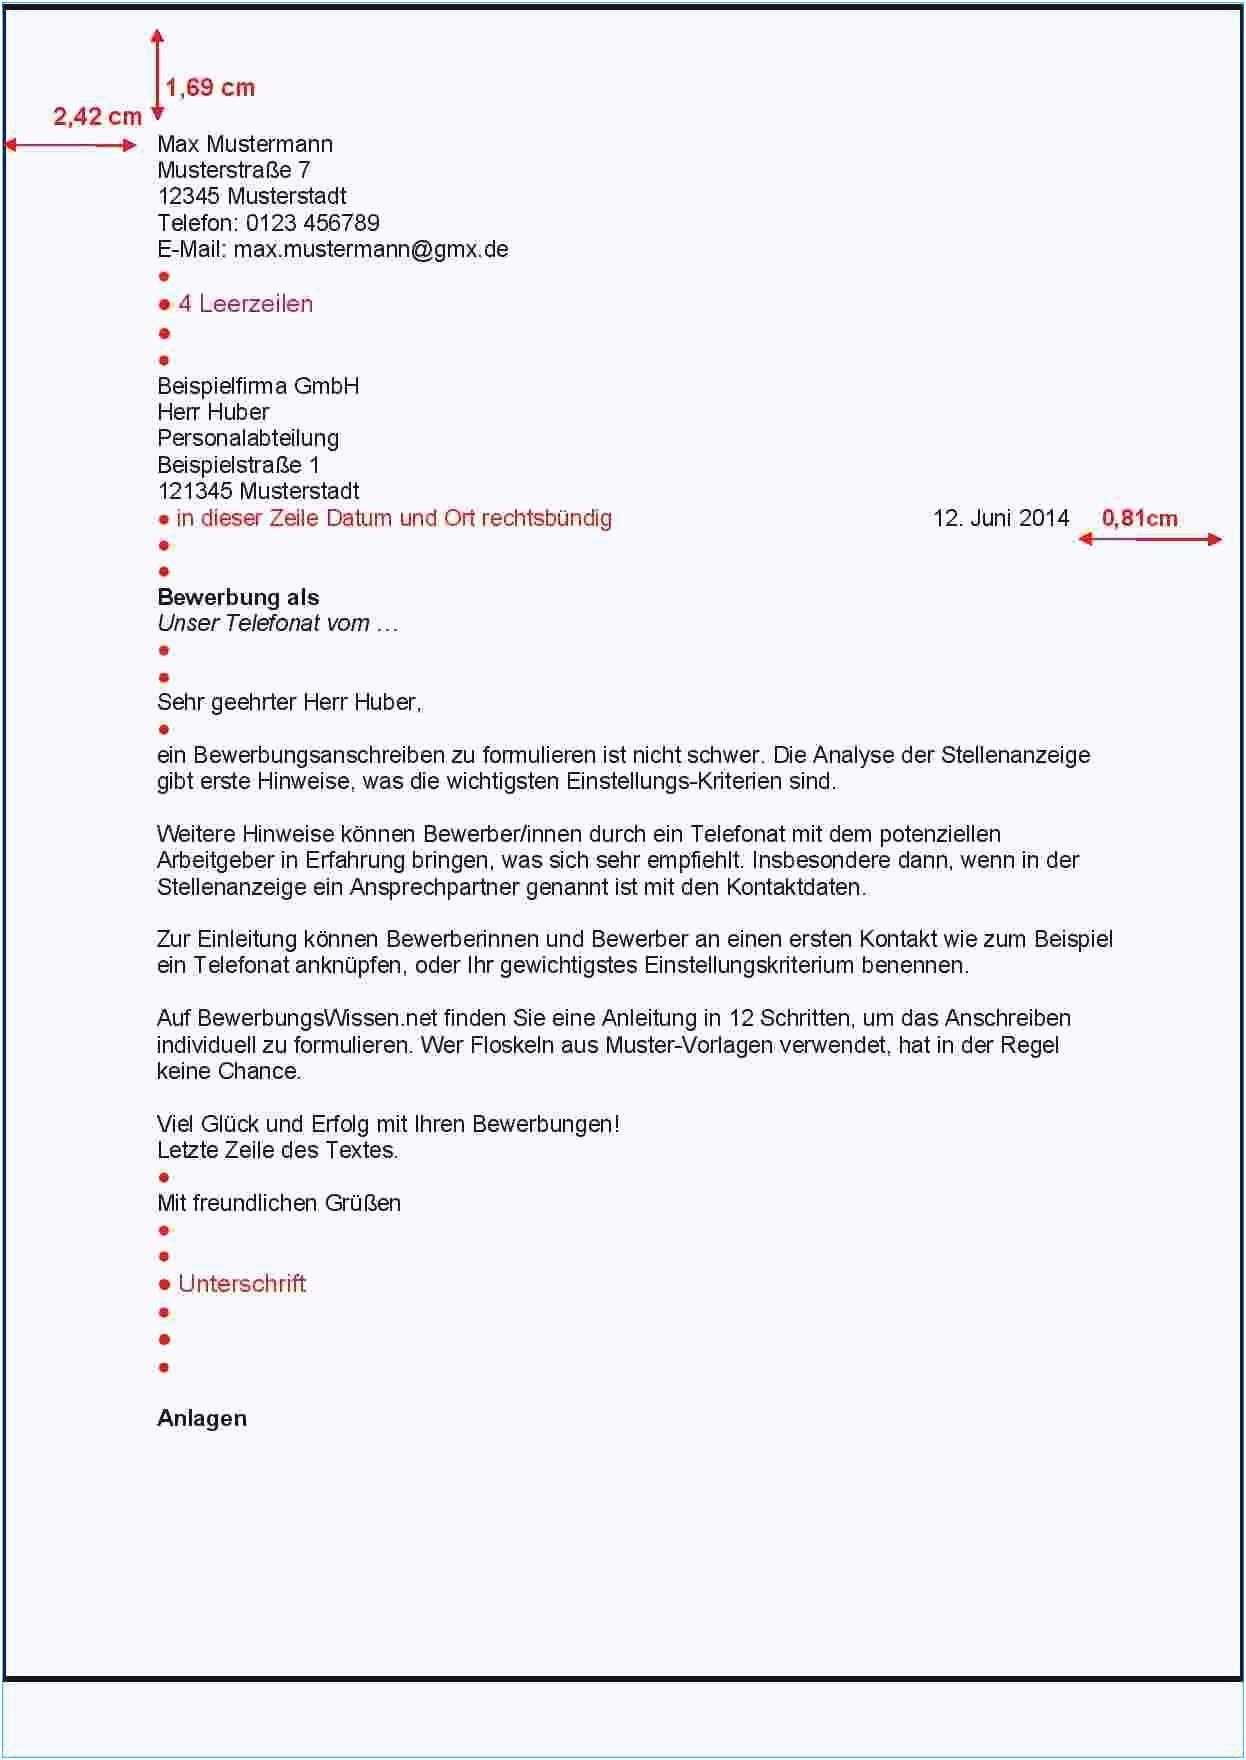 Frisch Din 5008 Bewerbung Vorlage Word Briefprobe Briefformat Briefvorlage Lebenslauf Lebenslauf Fur Schuler Lebenslauf Muster